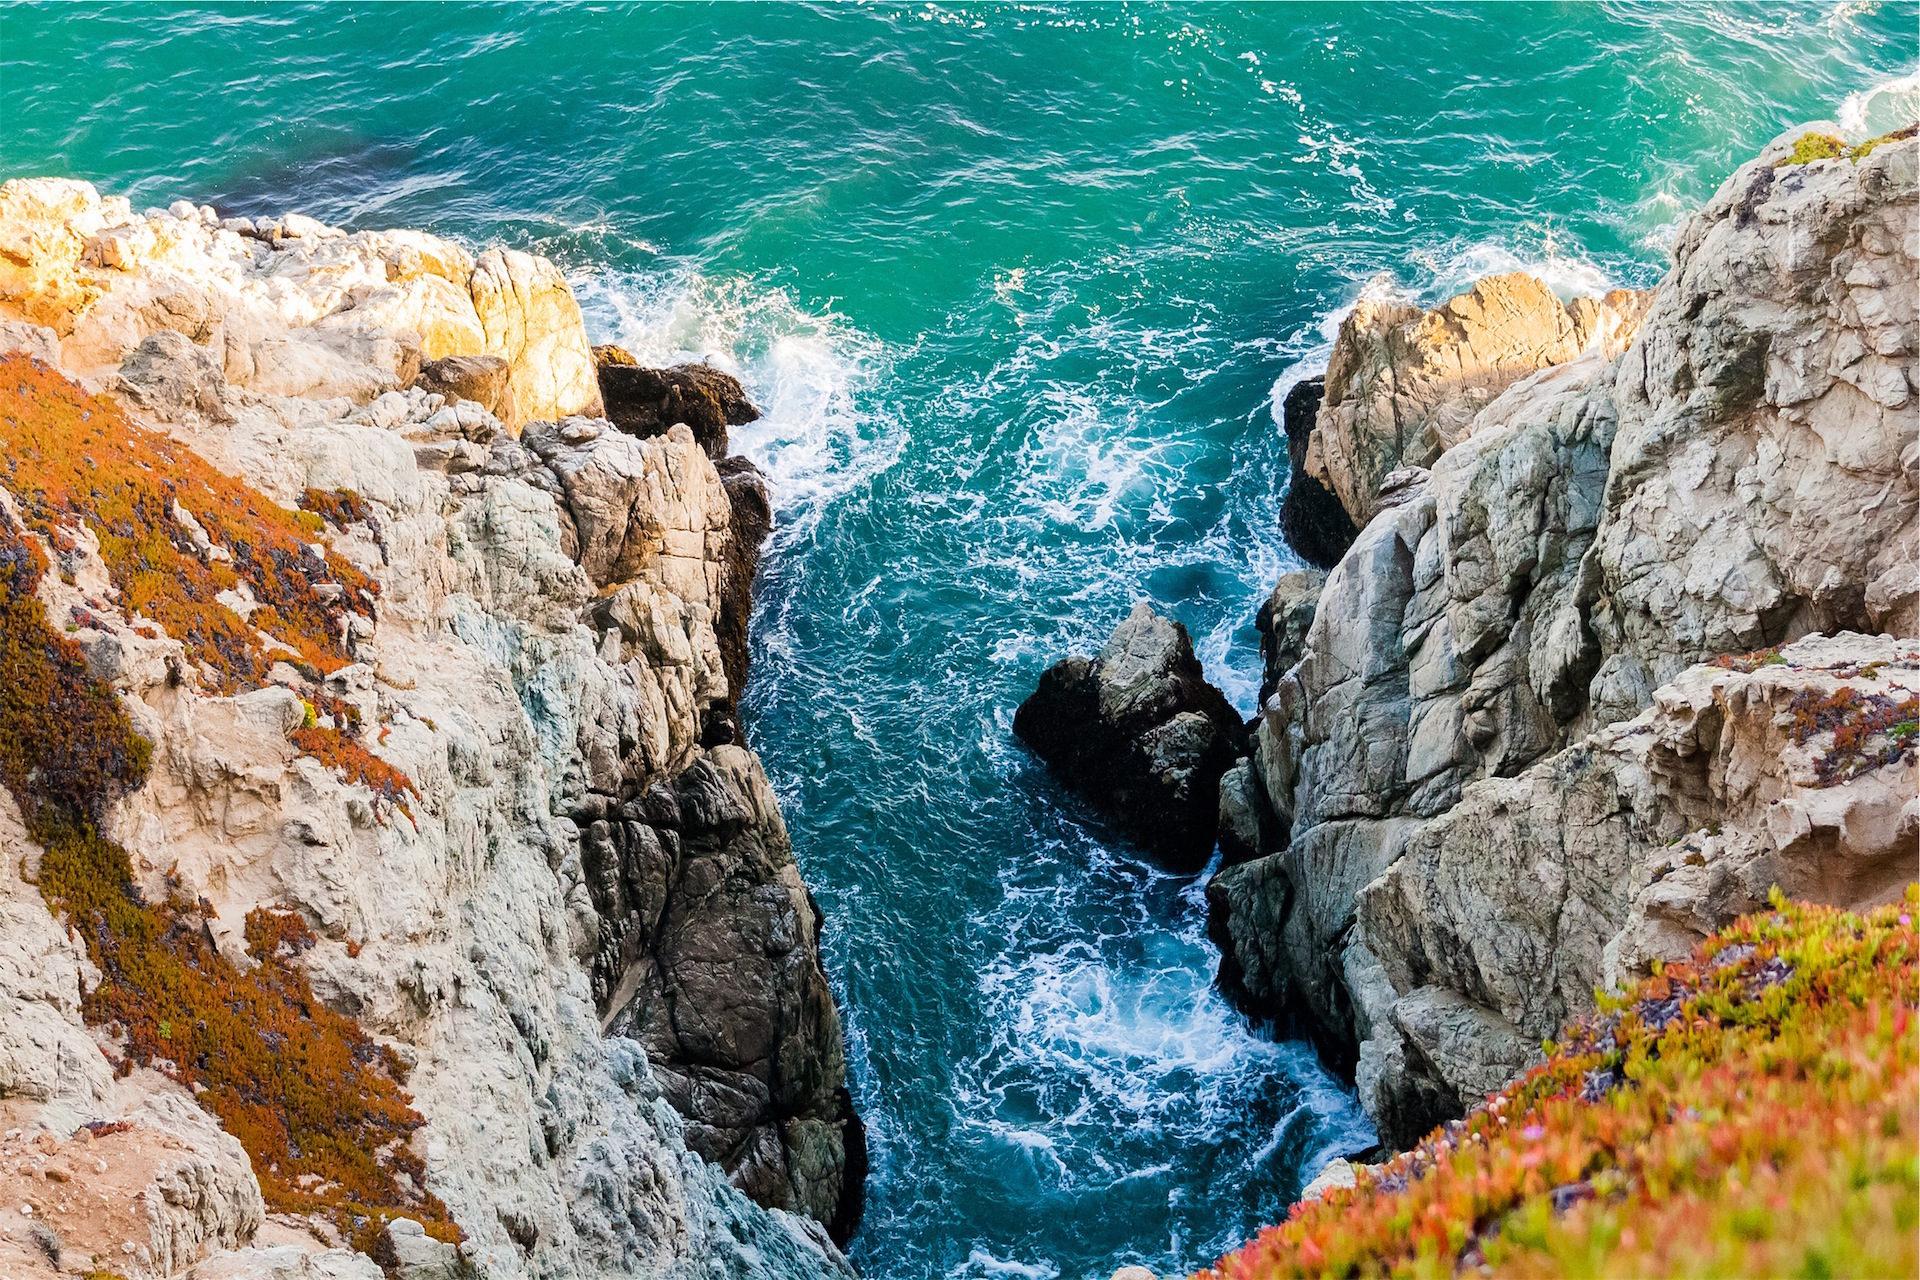 Cliff, Meer, Rocas, Wasser, Gefahr - Wallpaper HD - Prof.-falken.com